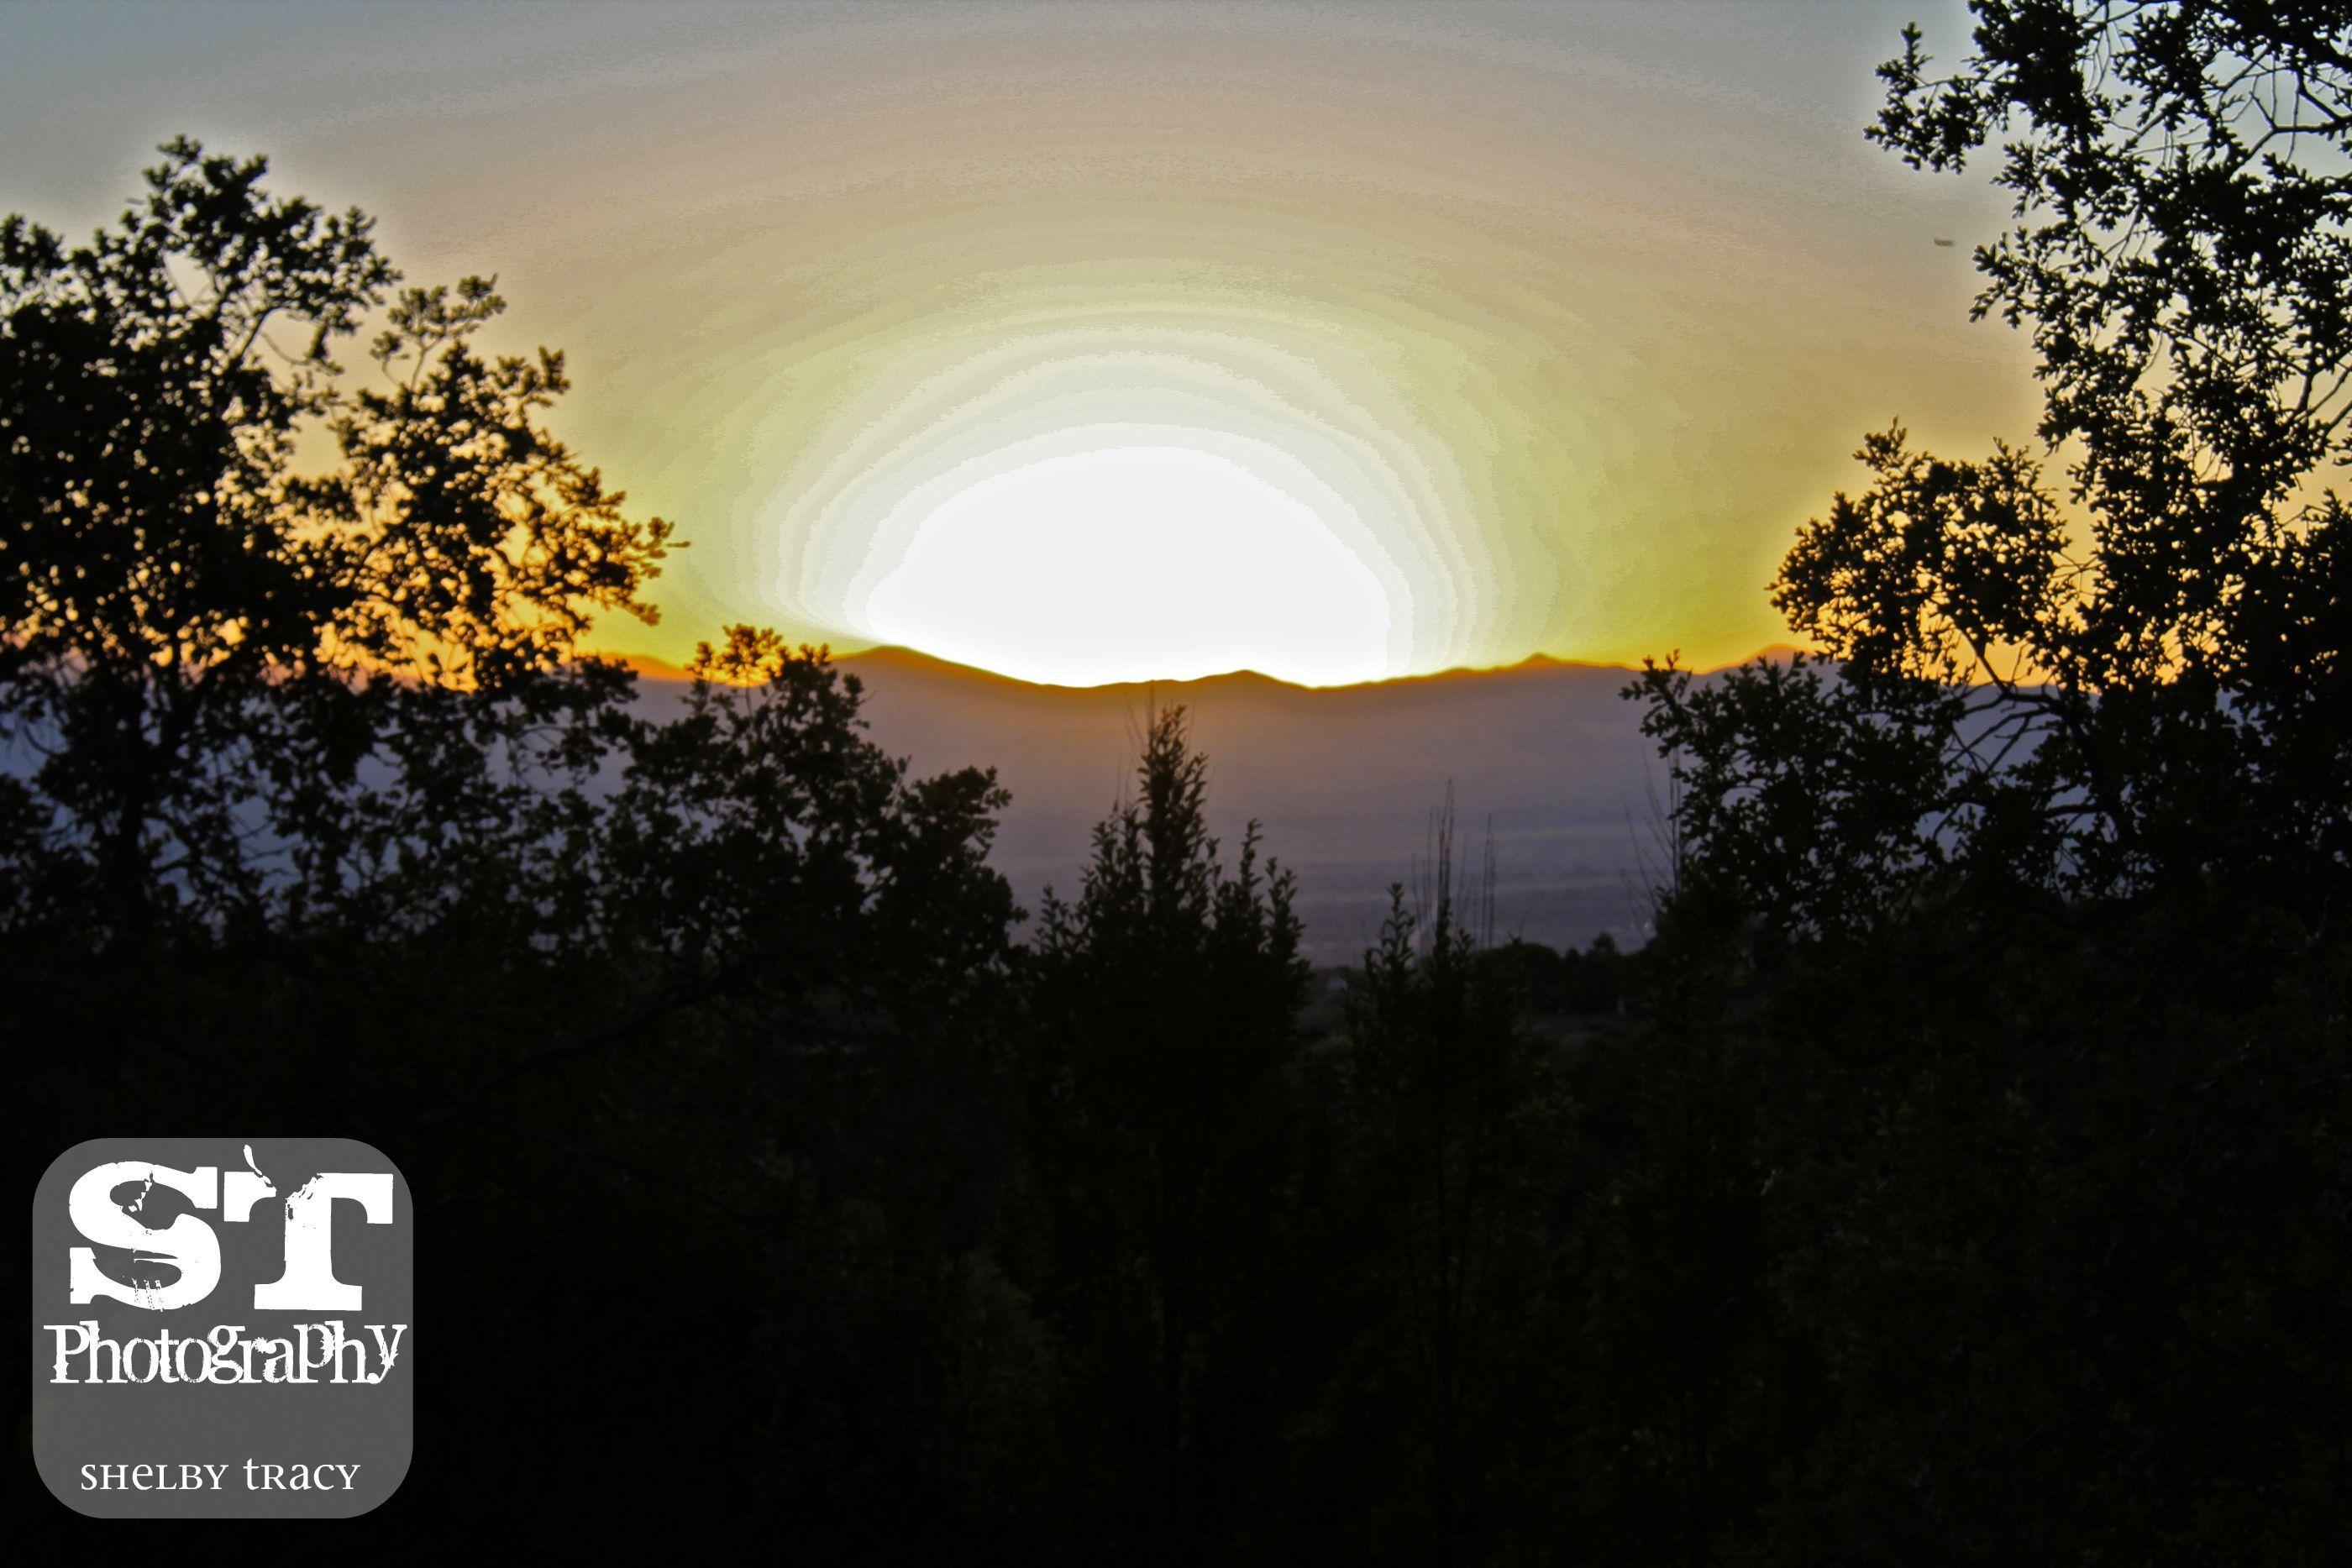 http://landonandshelbytracy.blogspot.com/p/photography.html